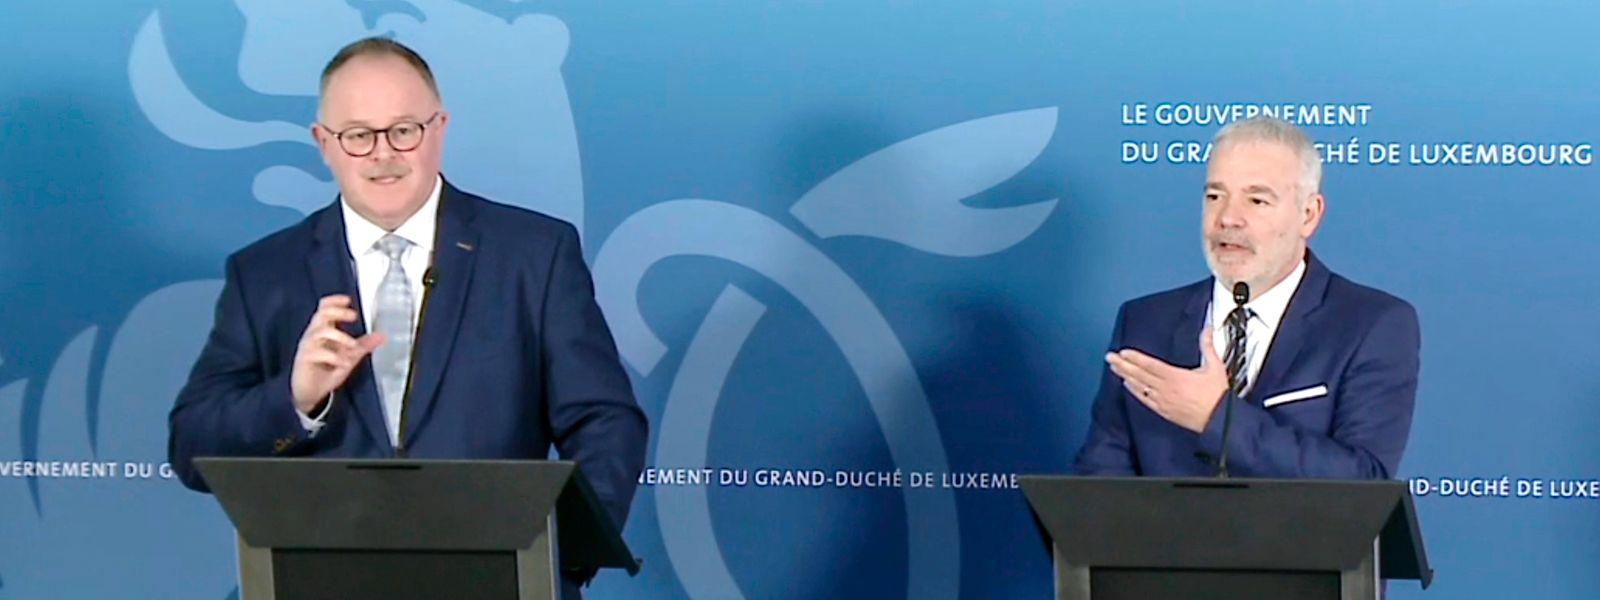 Die beiden für soziale Angelegenheiten zuständigen Minister Dan Kersch und Romain Schneider.